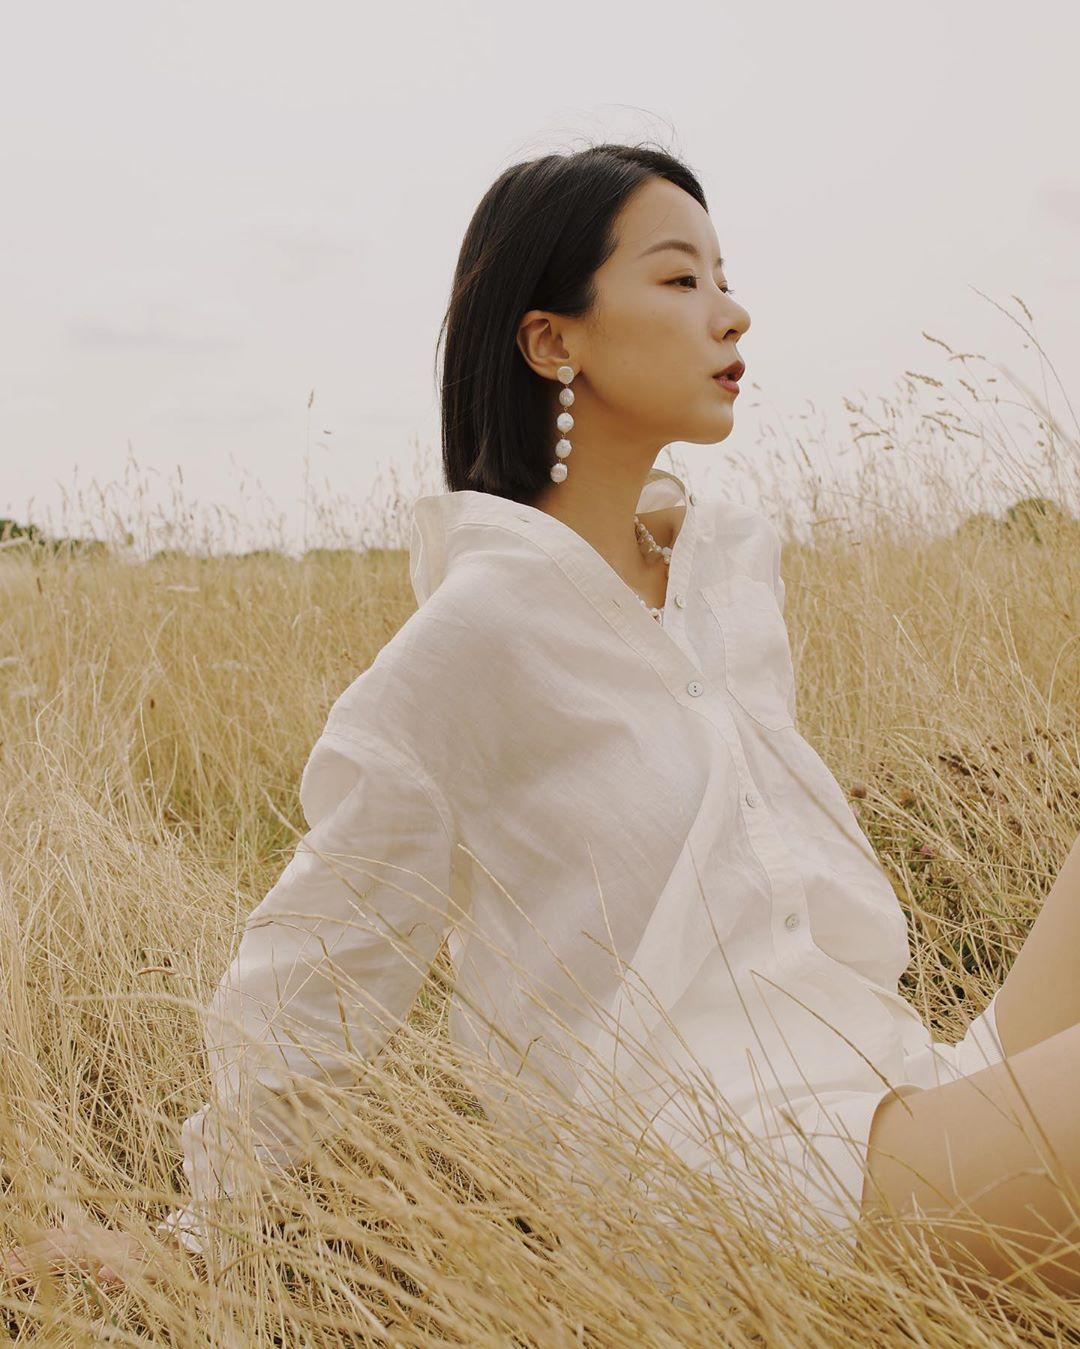 cô gái mặc áo sơ mi trắng trễ cổ